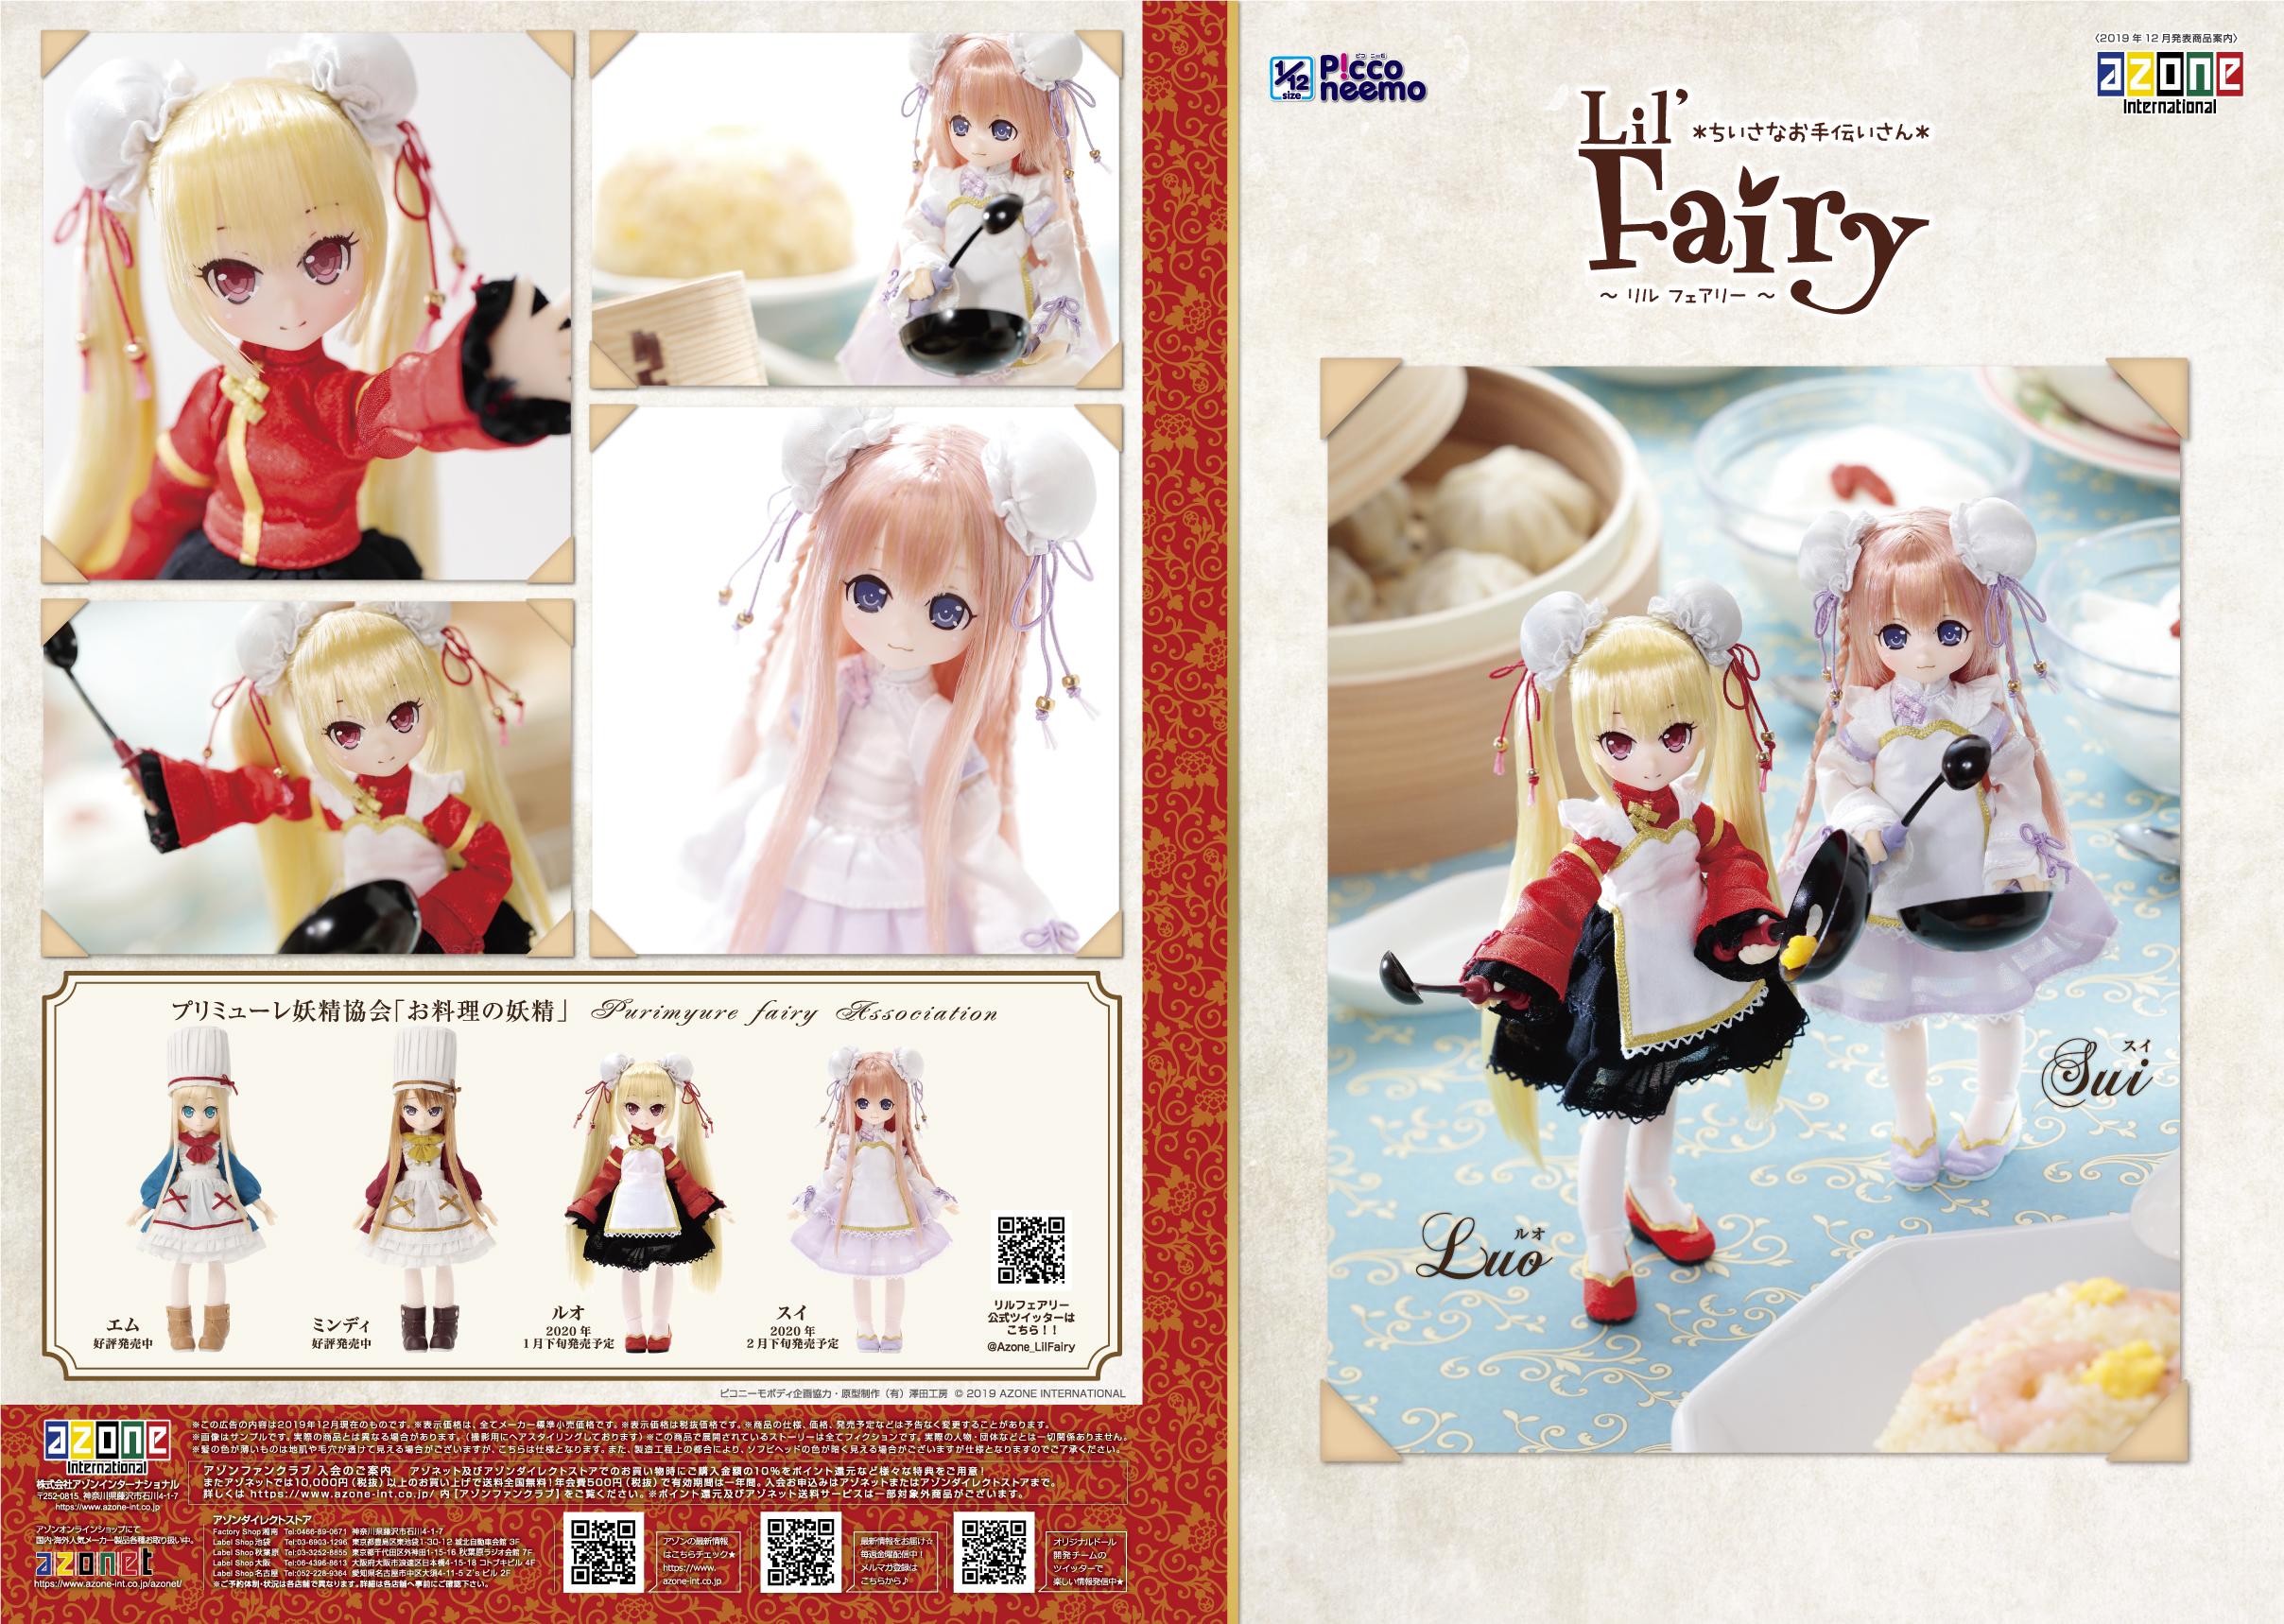 Lil' Fairy ~ちいさなお手伝いさん~/ルオ スイ